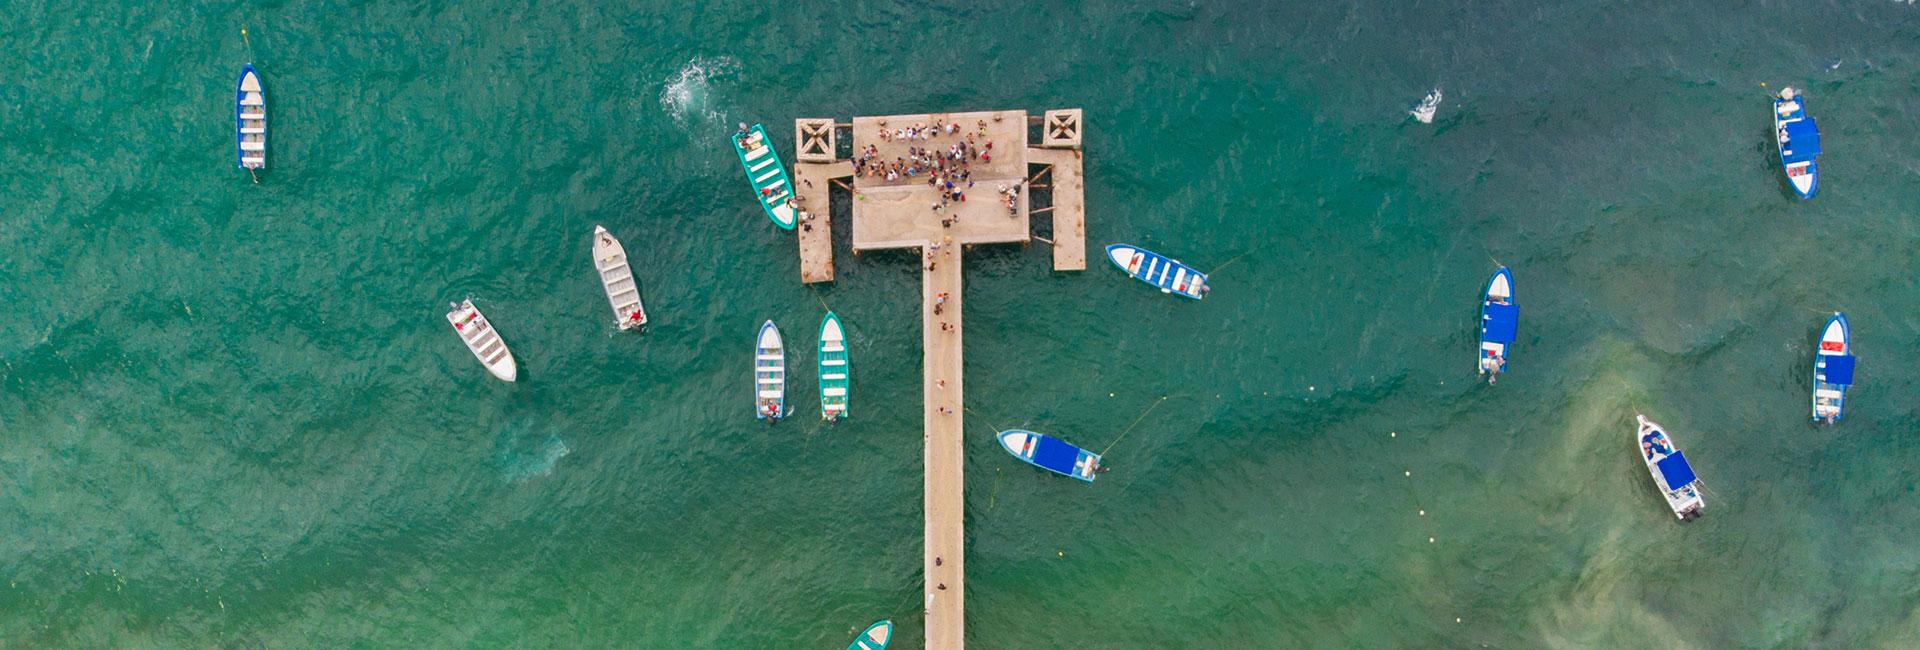 Nuevo Vallarta Riviera Nayarit Mexico Travel Advisory